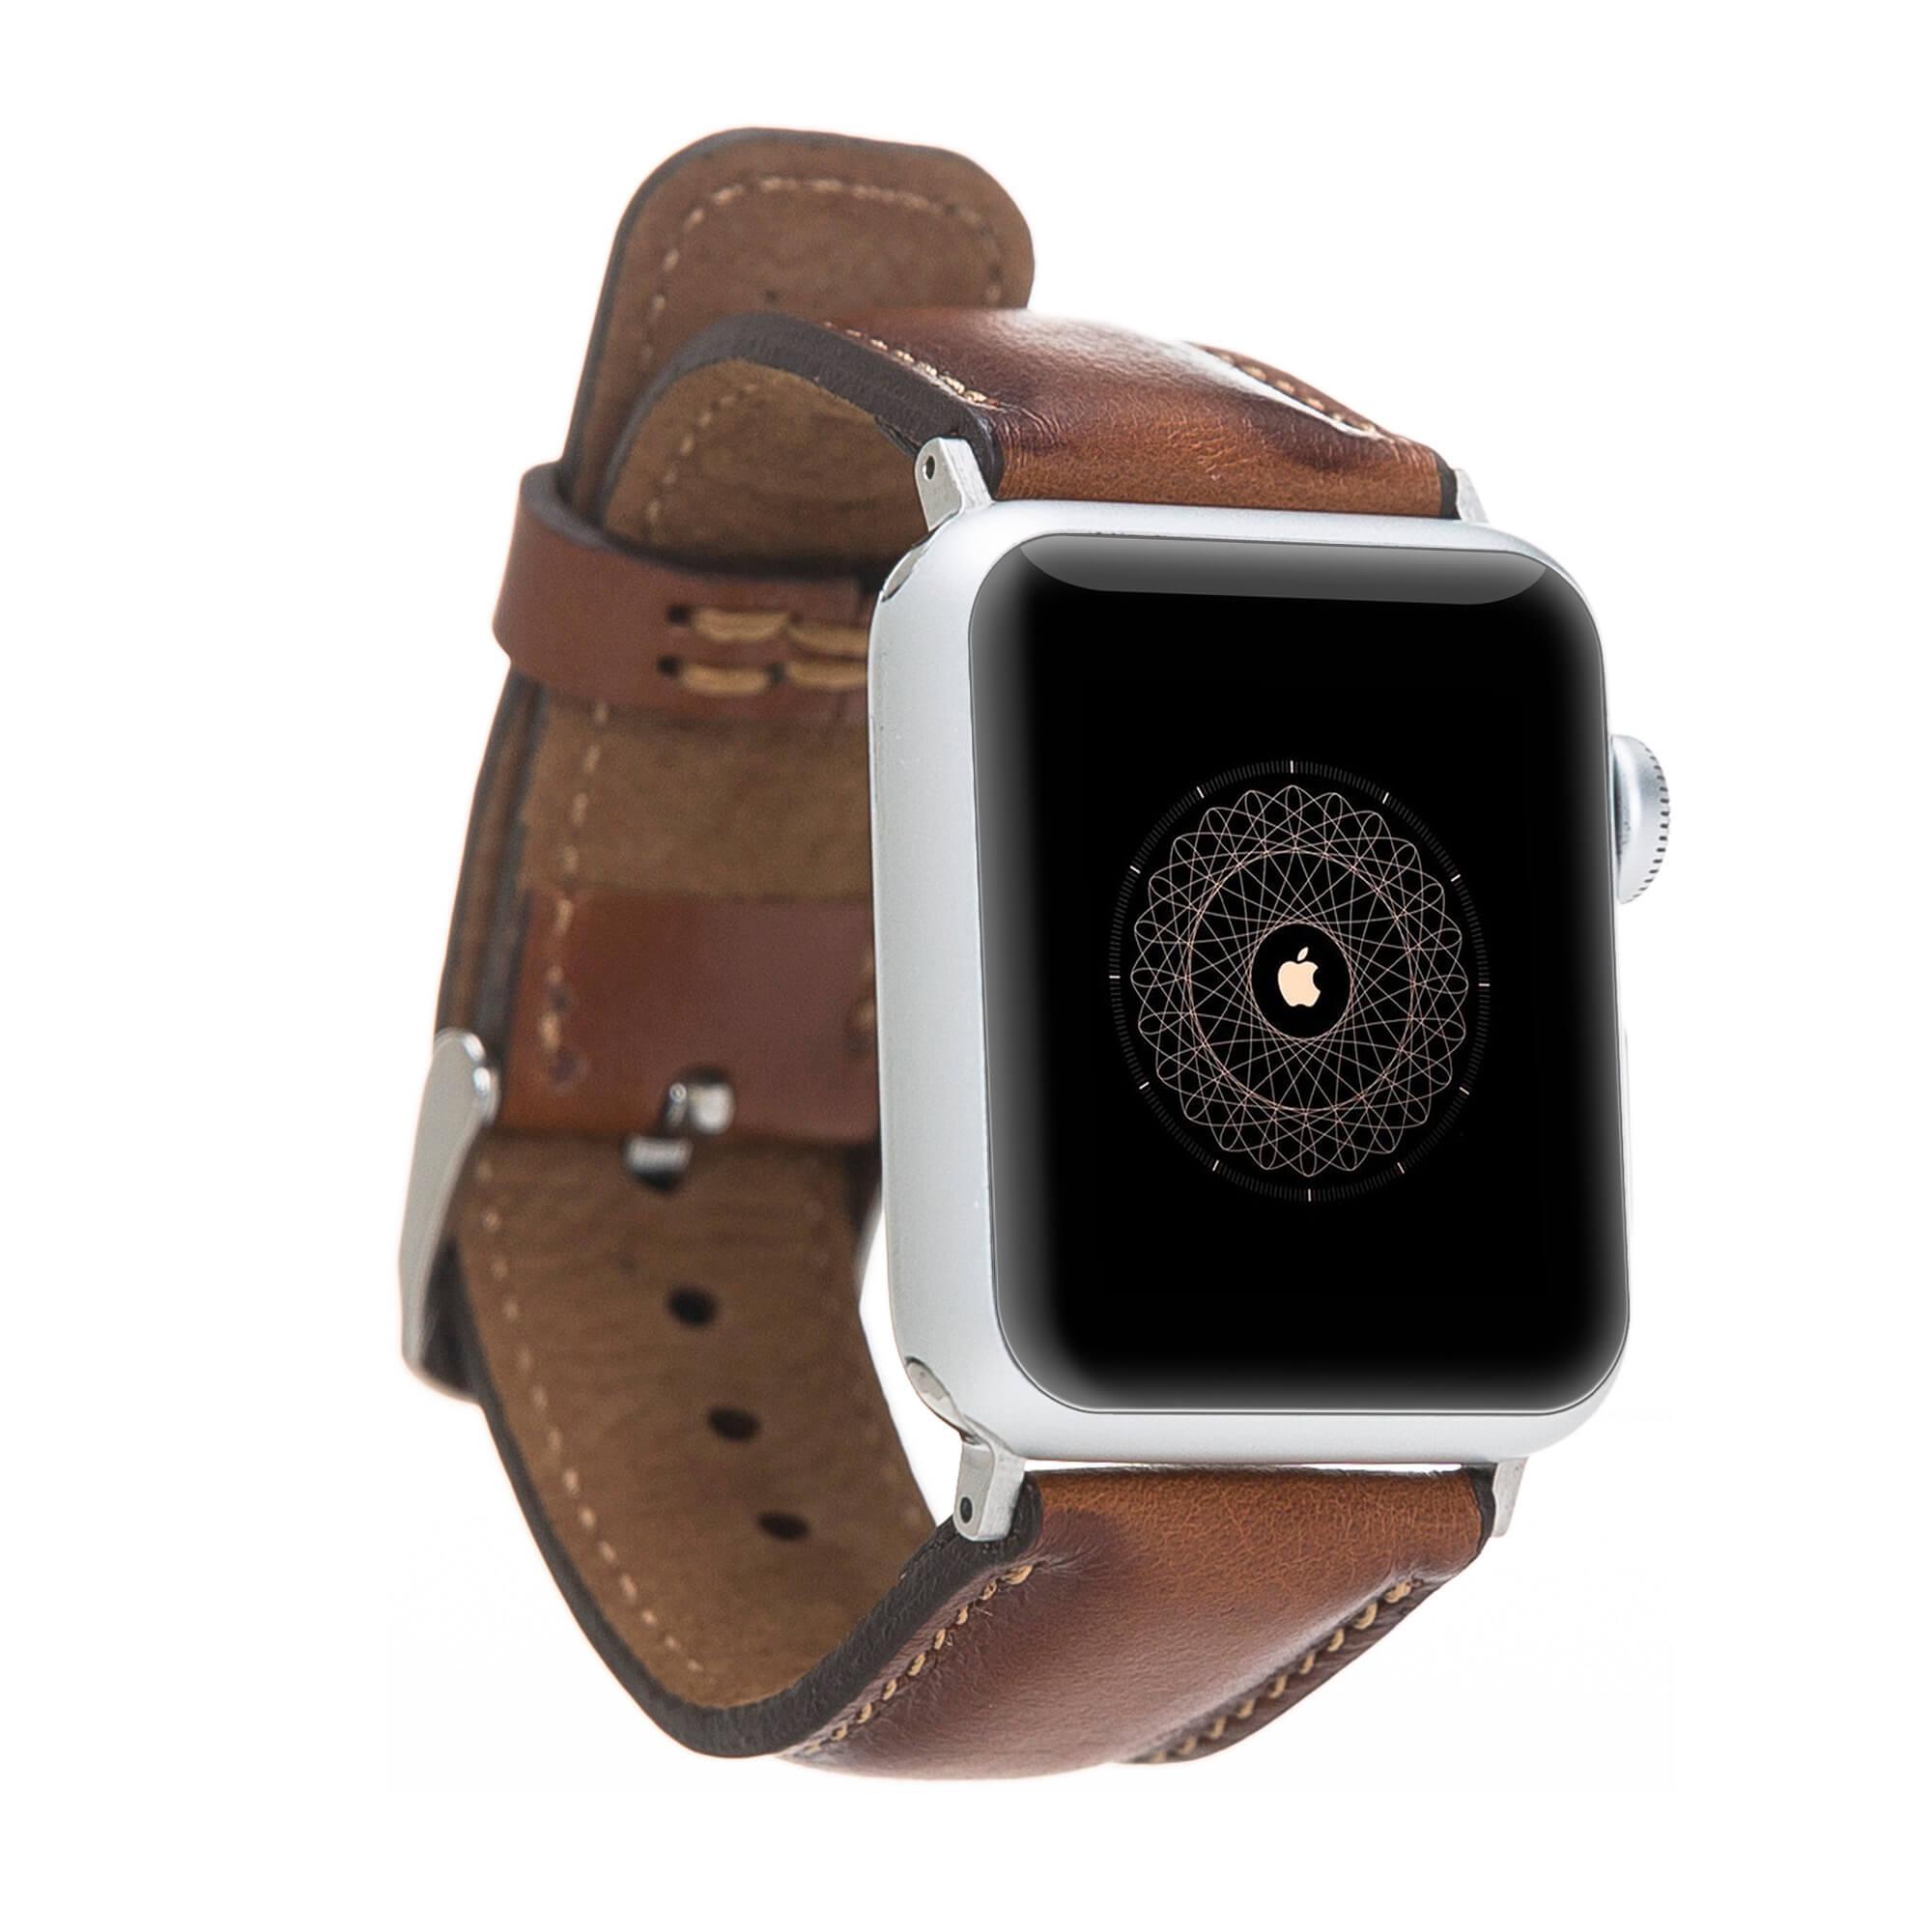 Lederarmband für das Apple Watch Series 1-4 I Cognac Braun Burned 38mm/40mm mit silbernen Connectoren